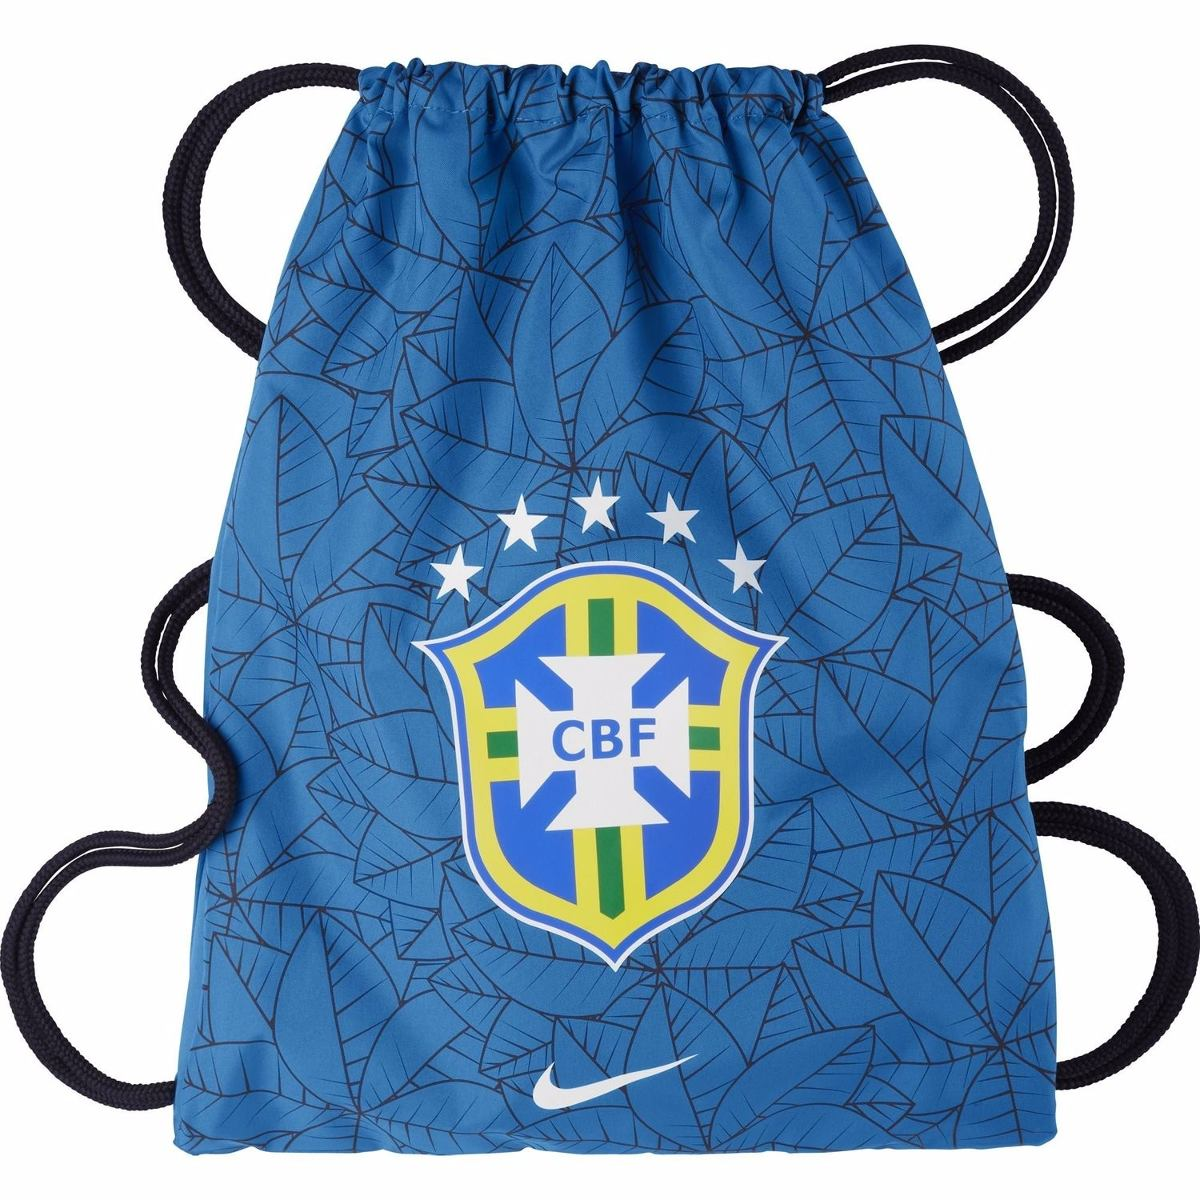 saco nike seleção brasil cbf brasileira sacola bolsa mochila. Carregando  zoom. ac47c6de0b50b